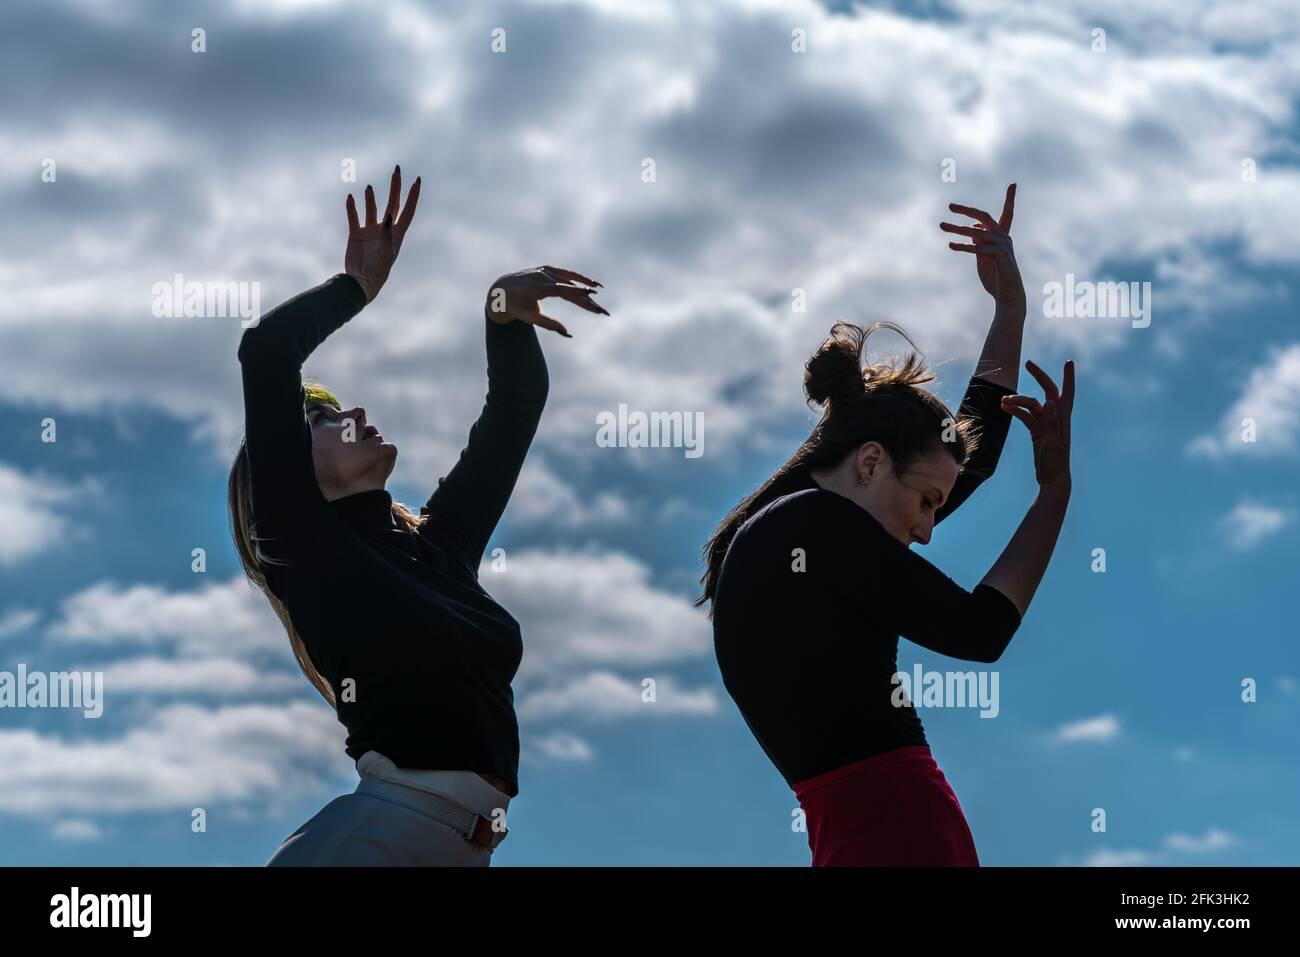 Londres, Royaume-Uni. 28 avril 2021. Journée internationale de la danse : les danseurs de Ranbu se produisent sur Hampstead Heath avant la Journée internationale de la danse le 29 avril (L-R Sophie Chinner, Belinda Roy). Le nouveau collectif de danse basé à Londres et au Japon vise à créer une plate-forme pour les danseurs contemporains de collaborer, de jouer et de partager des idées avec d'autres artistes. Célébrée pour la première fois en 1982, la Journée internationale de la danse a lieu chaque année depuis la naissance de Jean-Georges Noverre (1727-1810), créateur du ballet moderne. Credit: Guy Corbishley/Alamy Live News Banque D'Images